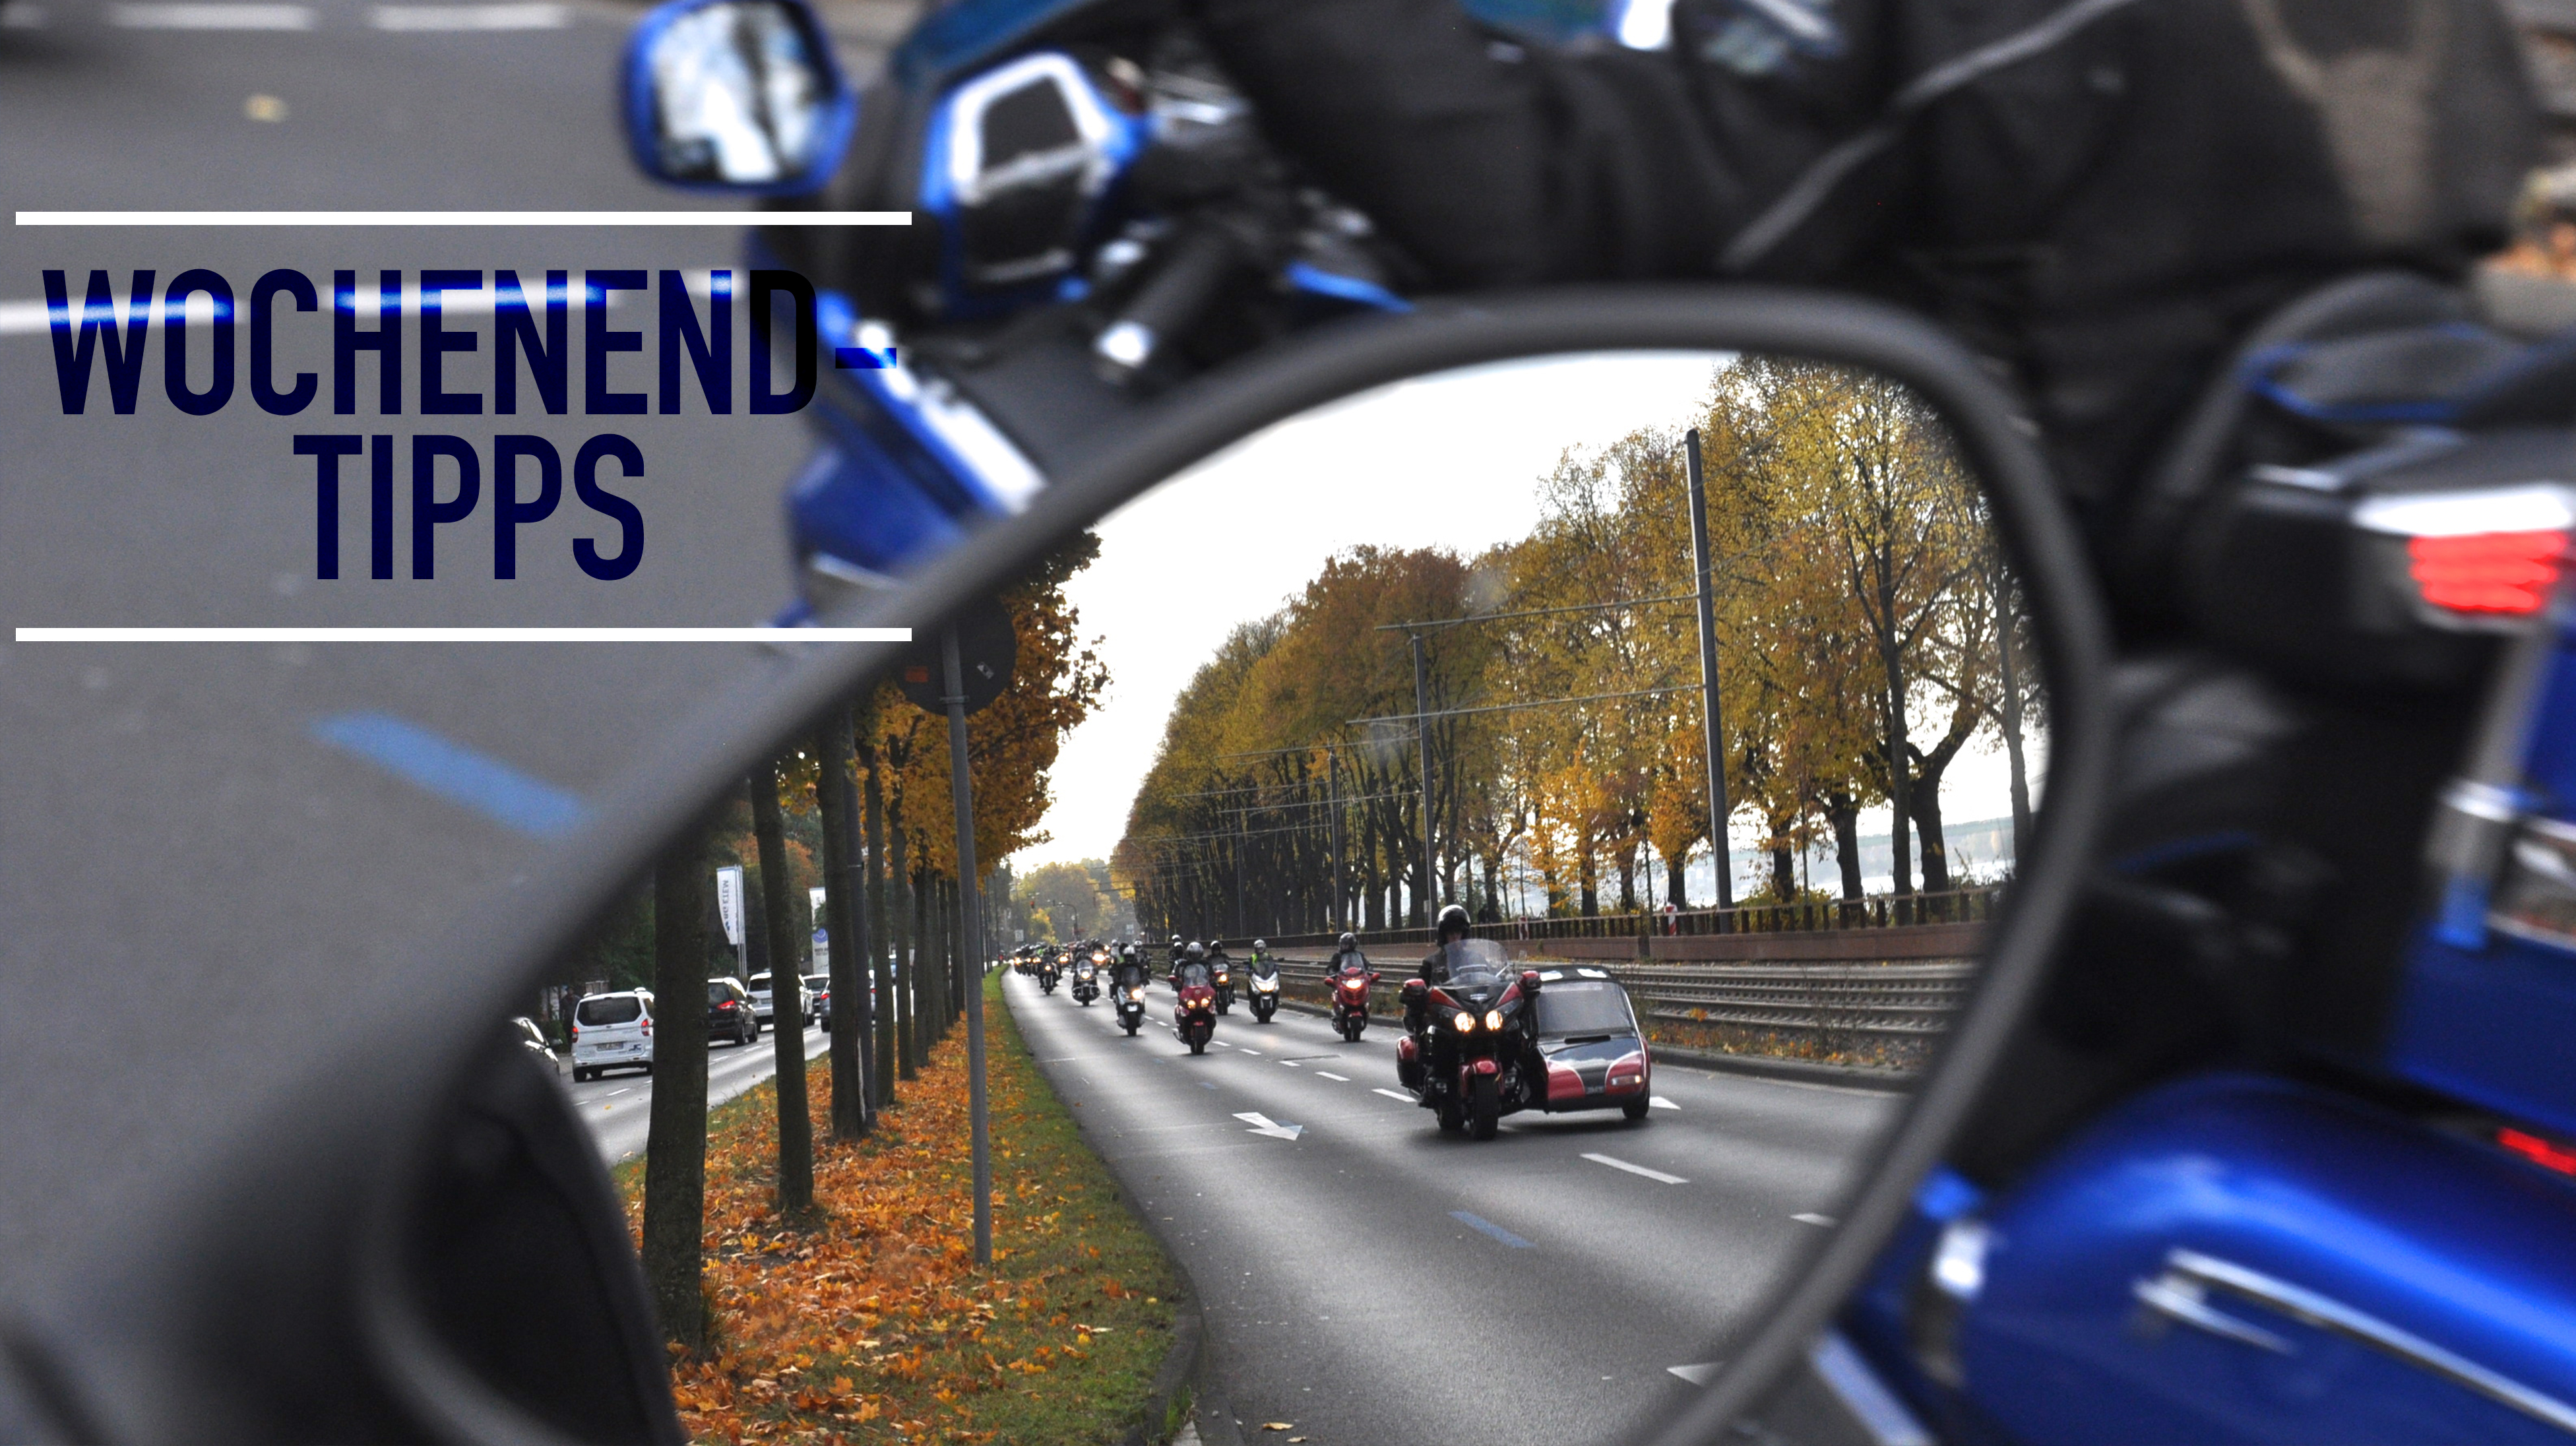 Wochenendtipps: Motorrad-Gospel-Gottesdienst, Musikfest, Ökumenische Beatmesse und Architektur-Führung